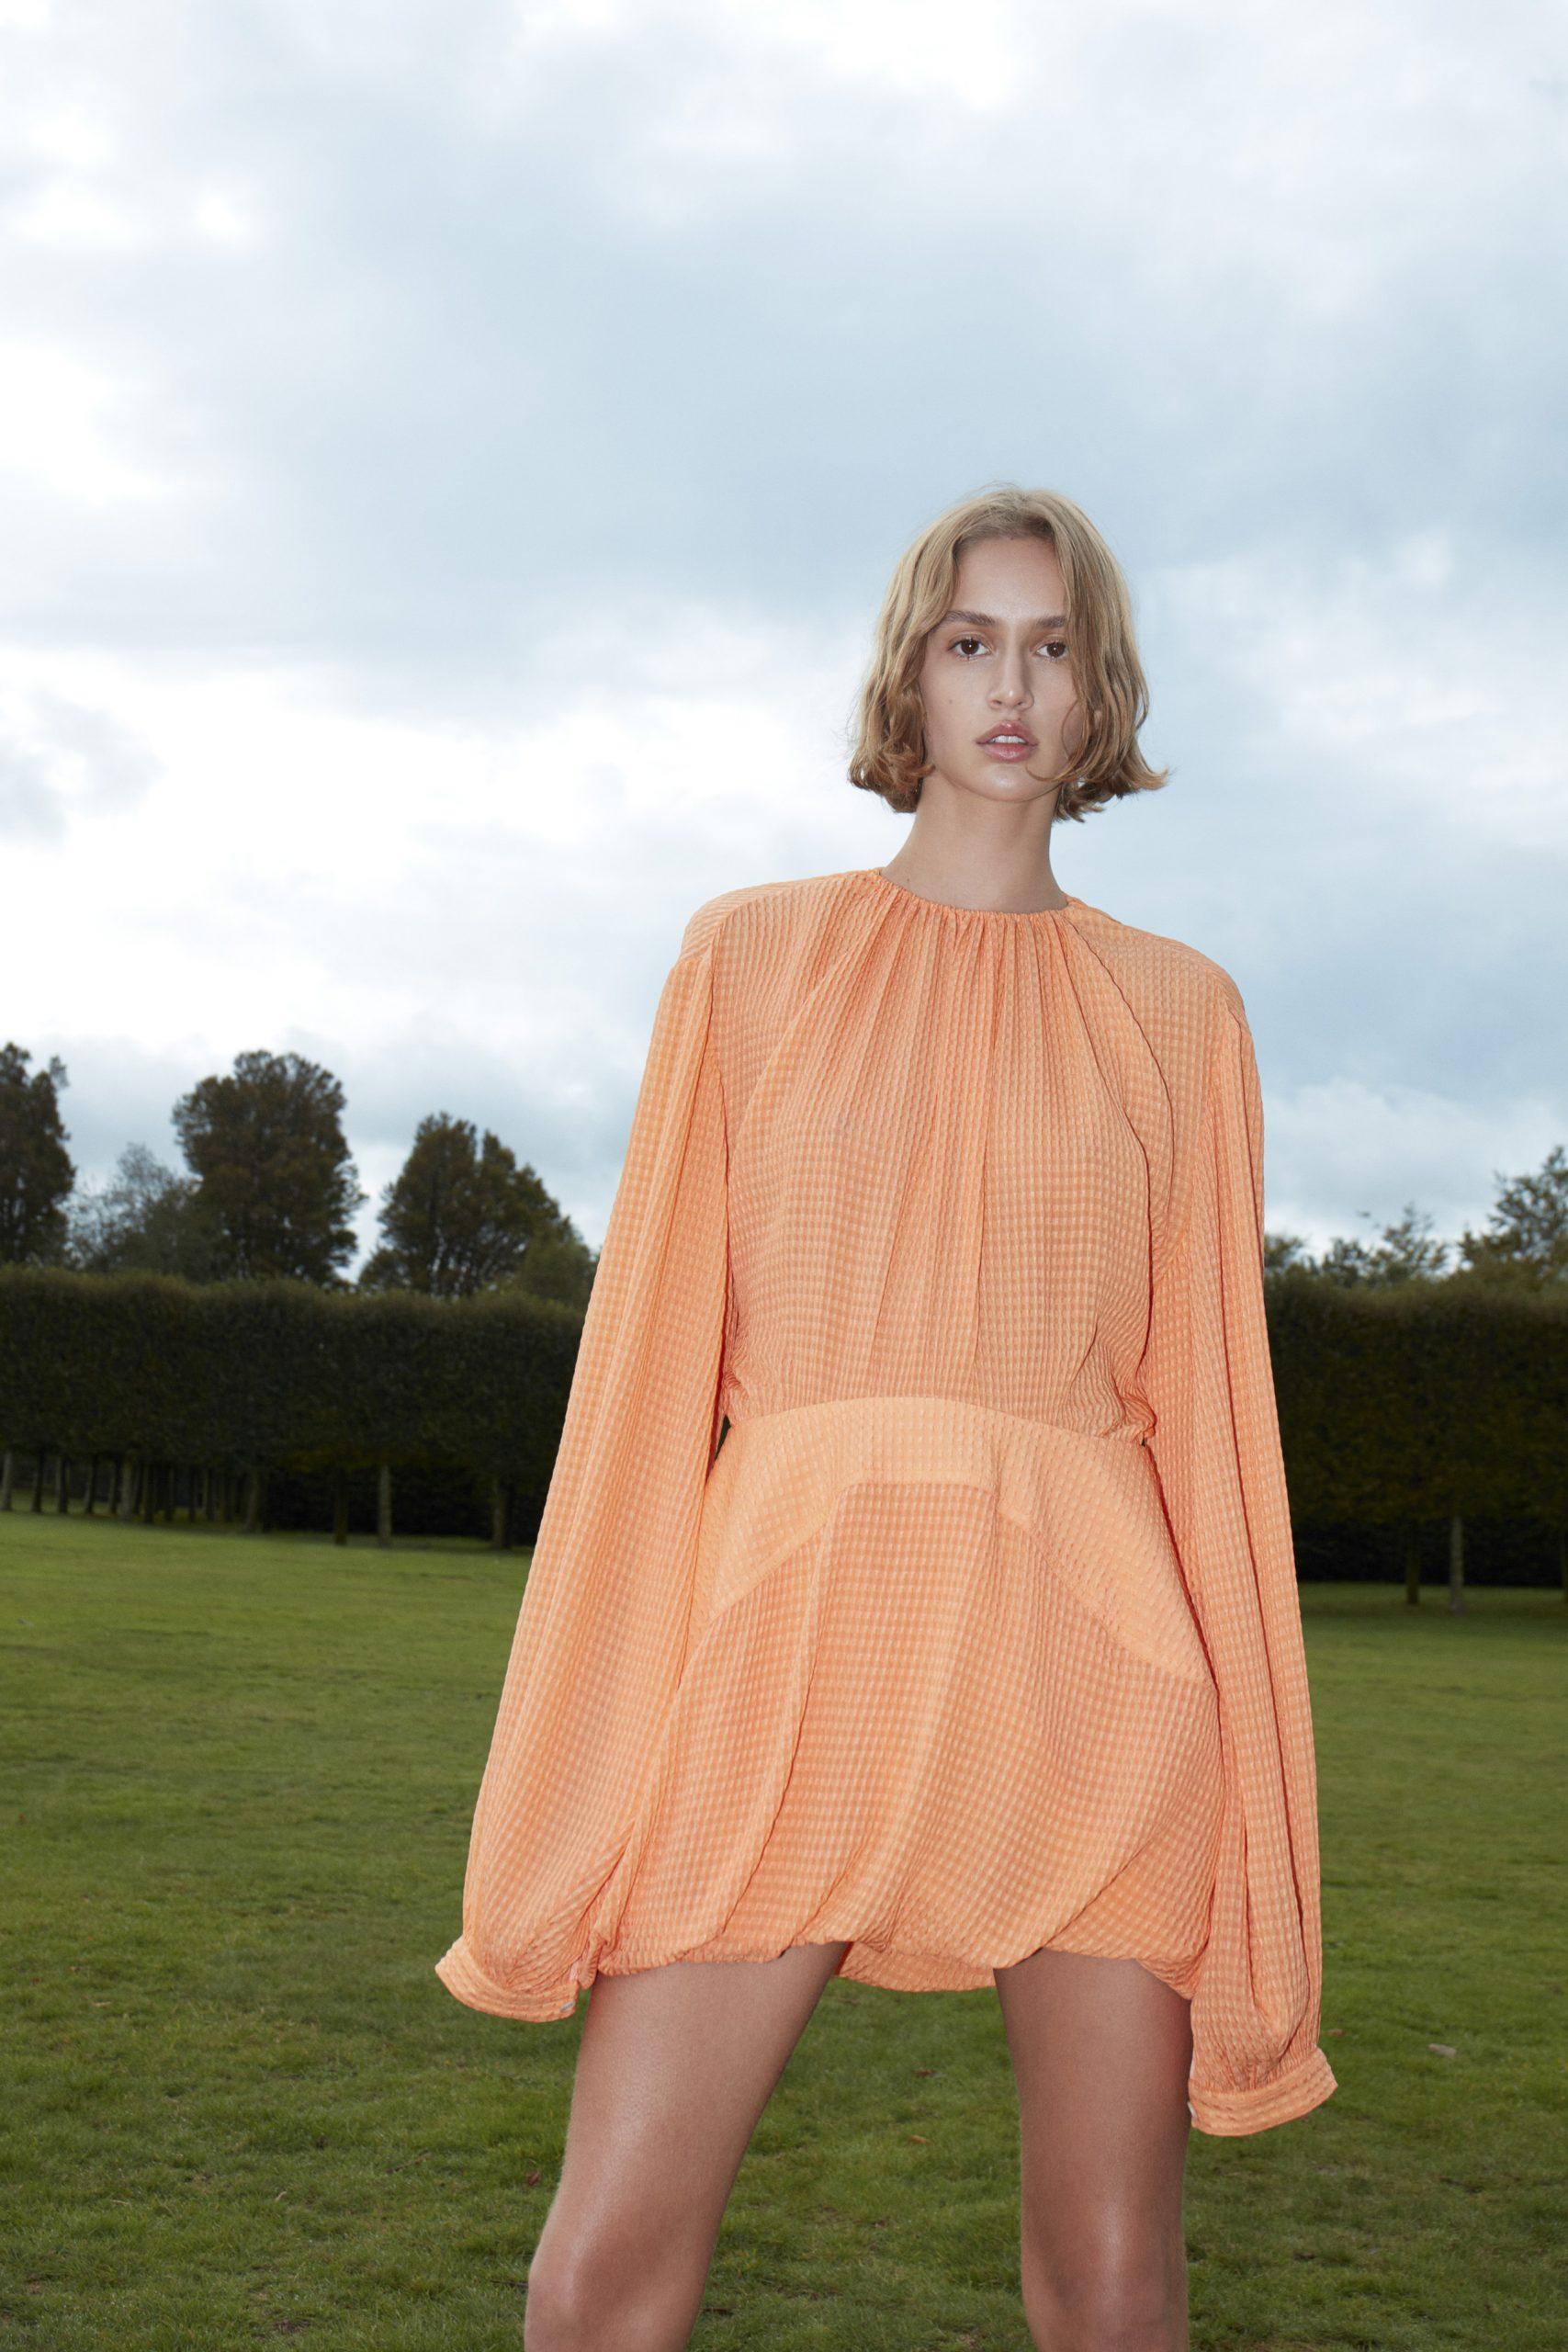 17. kép: Párizsi divathét - 2021-es tavaszi-nyári ready to wear kollekció - Stella McCartney